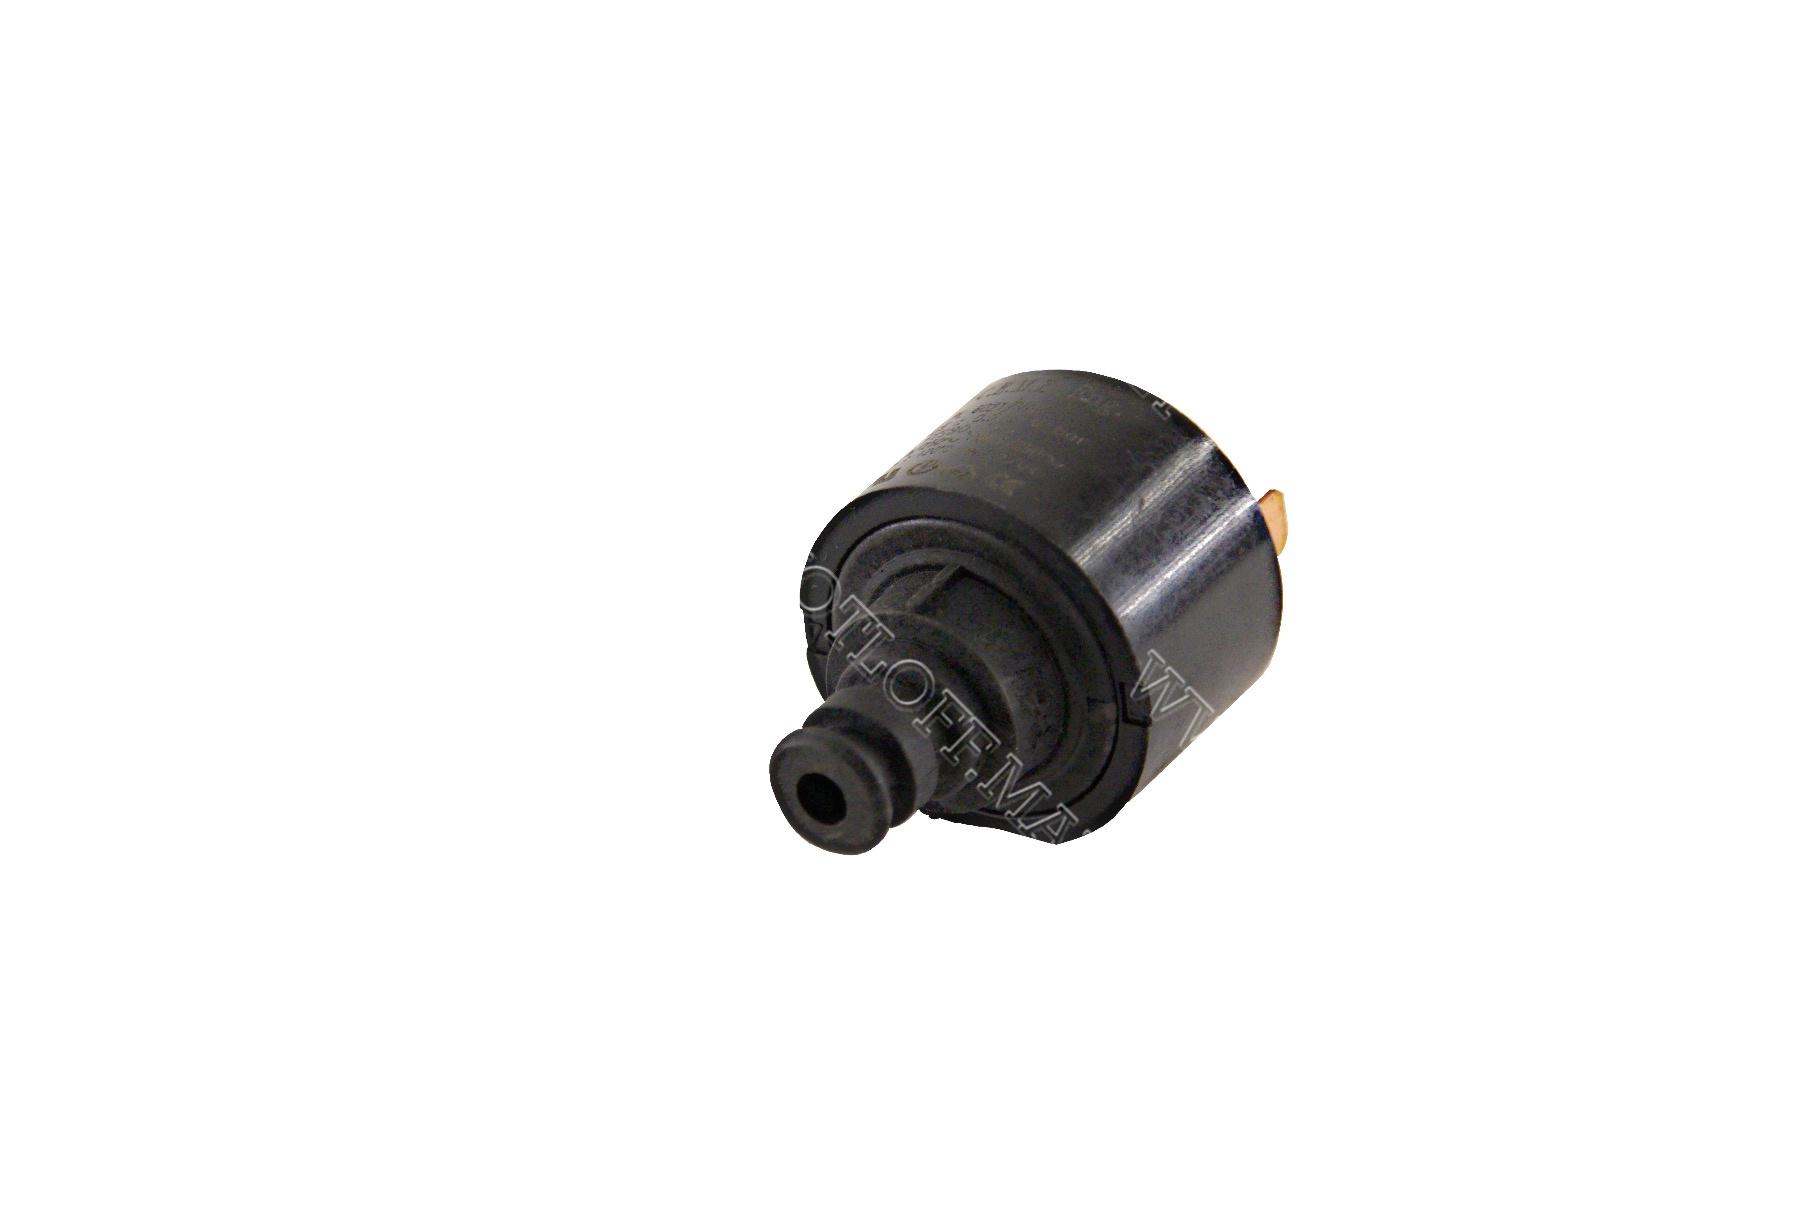 Реле давления воды SIME (под скобу)  —  0.2-2bar P max 4.5 bar арт. 6281576